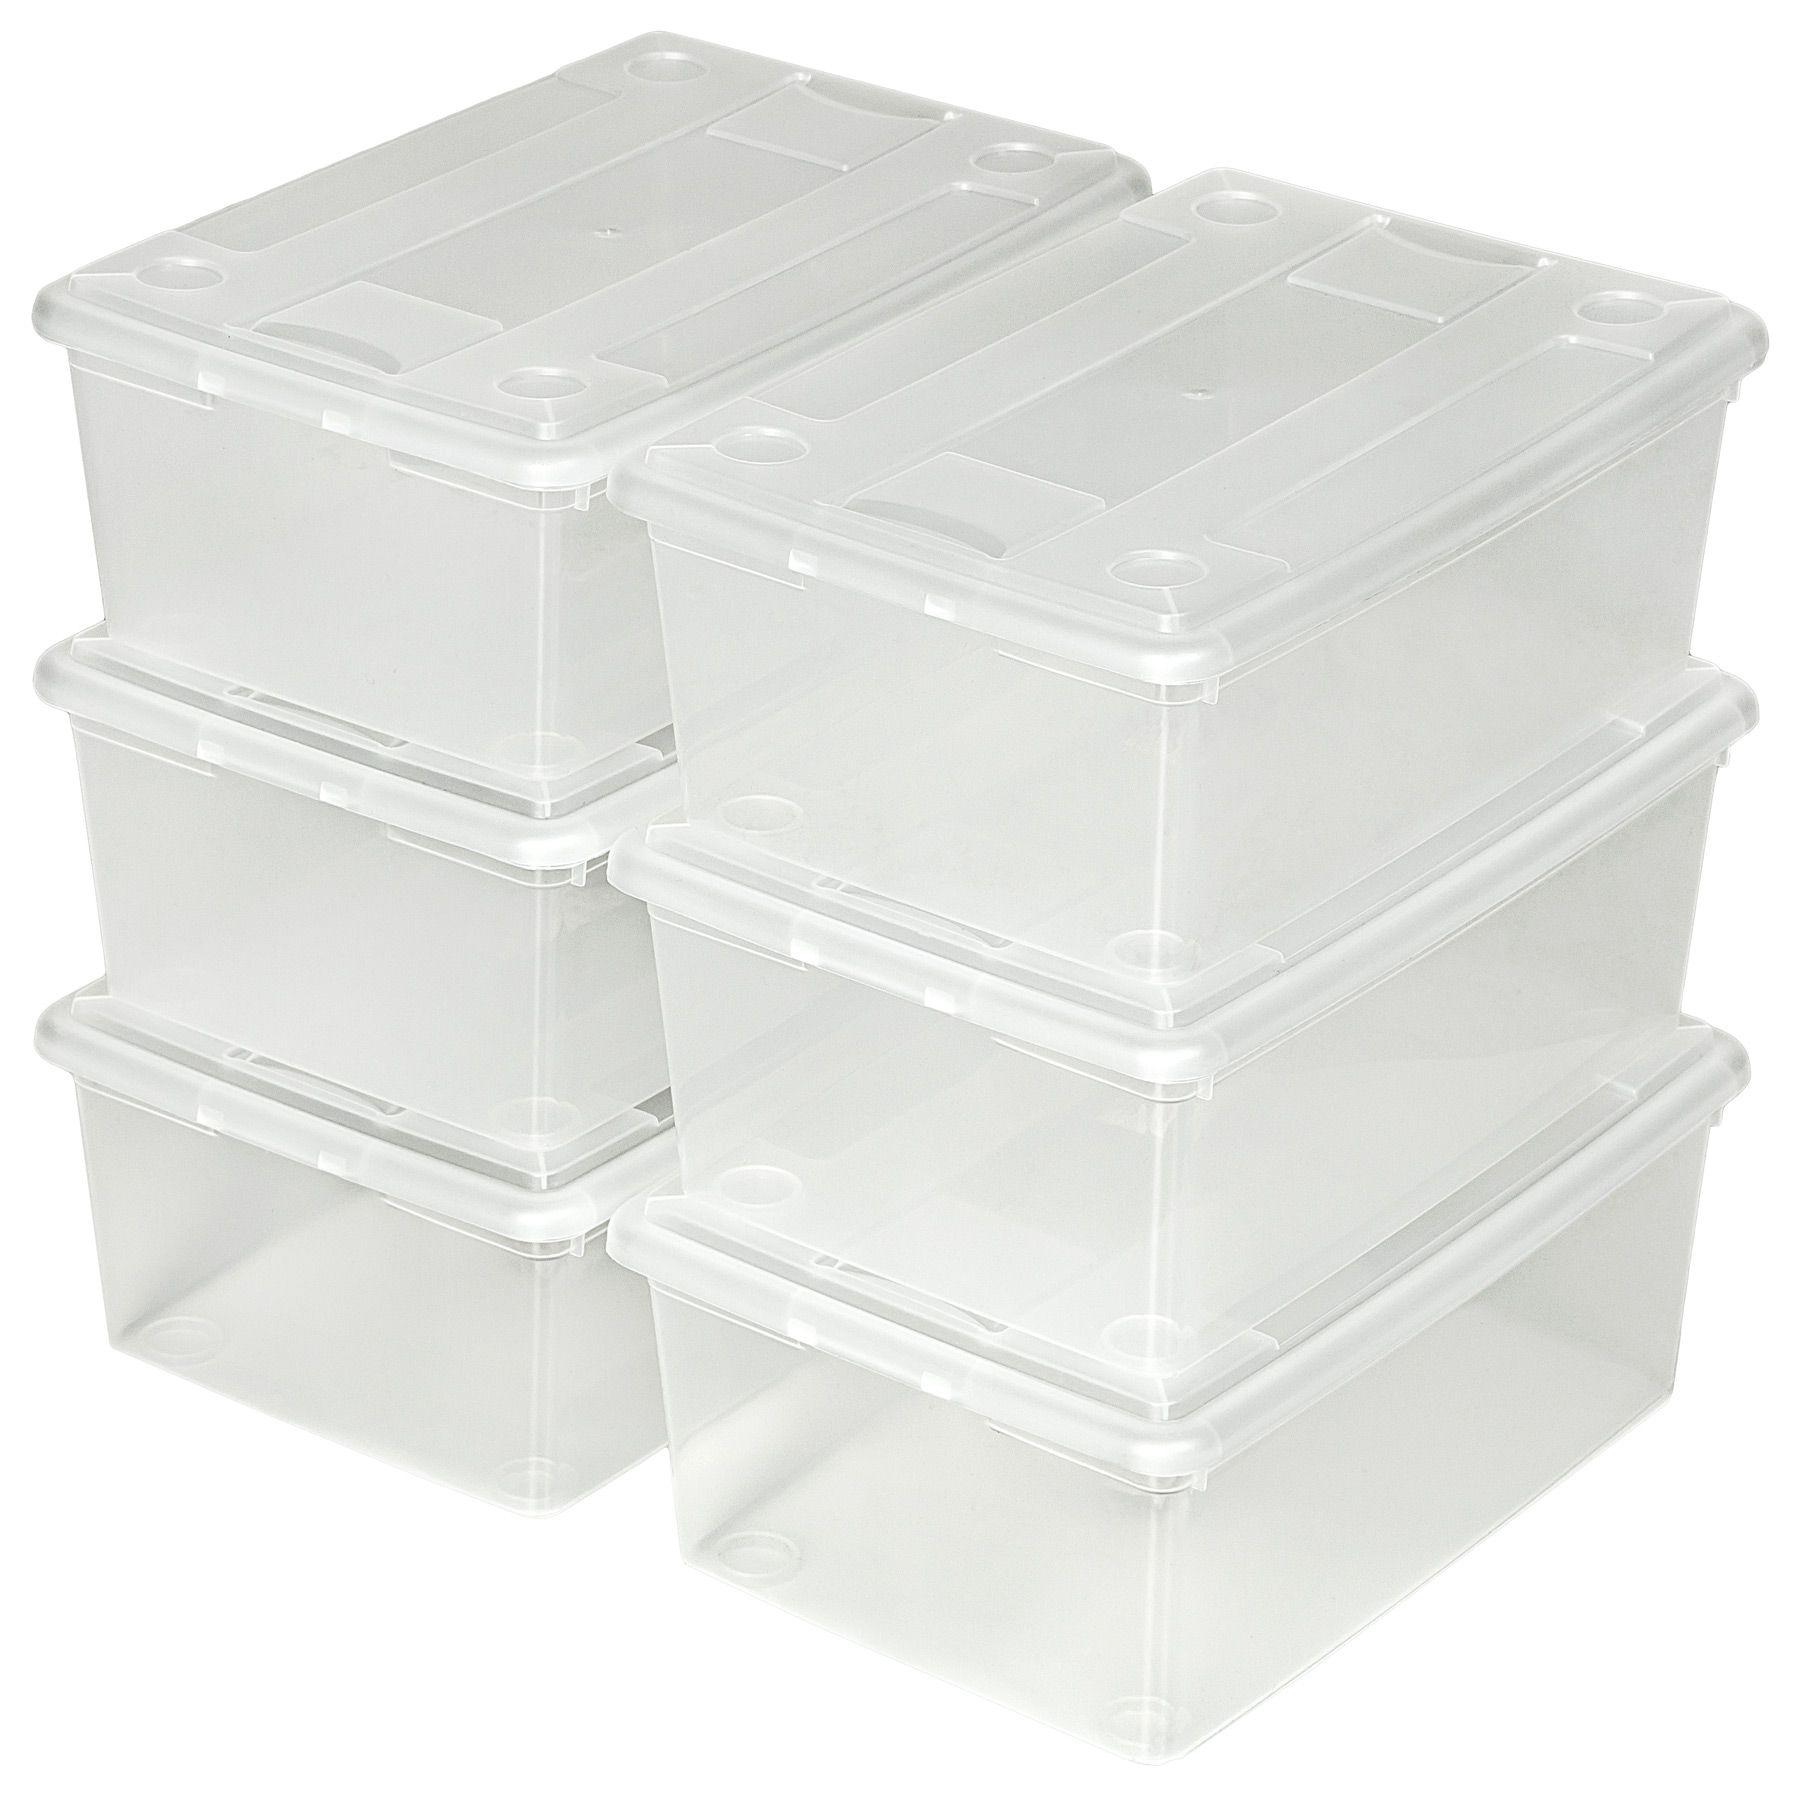 Cajas de almacenaje de zapatos calzado cajas pl stico transparente apilable ebay - Almacenaje zapatos ...